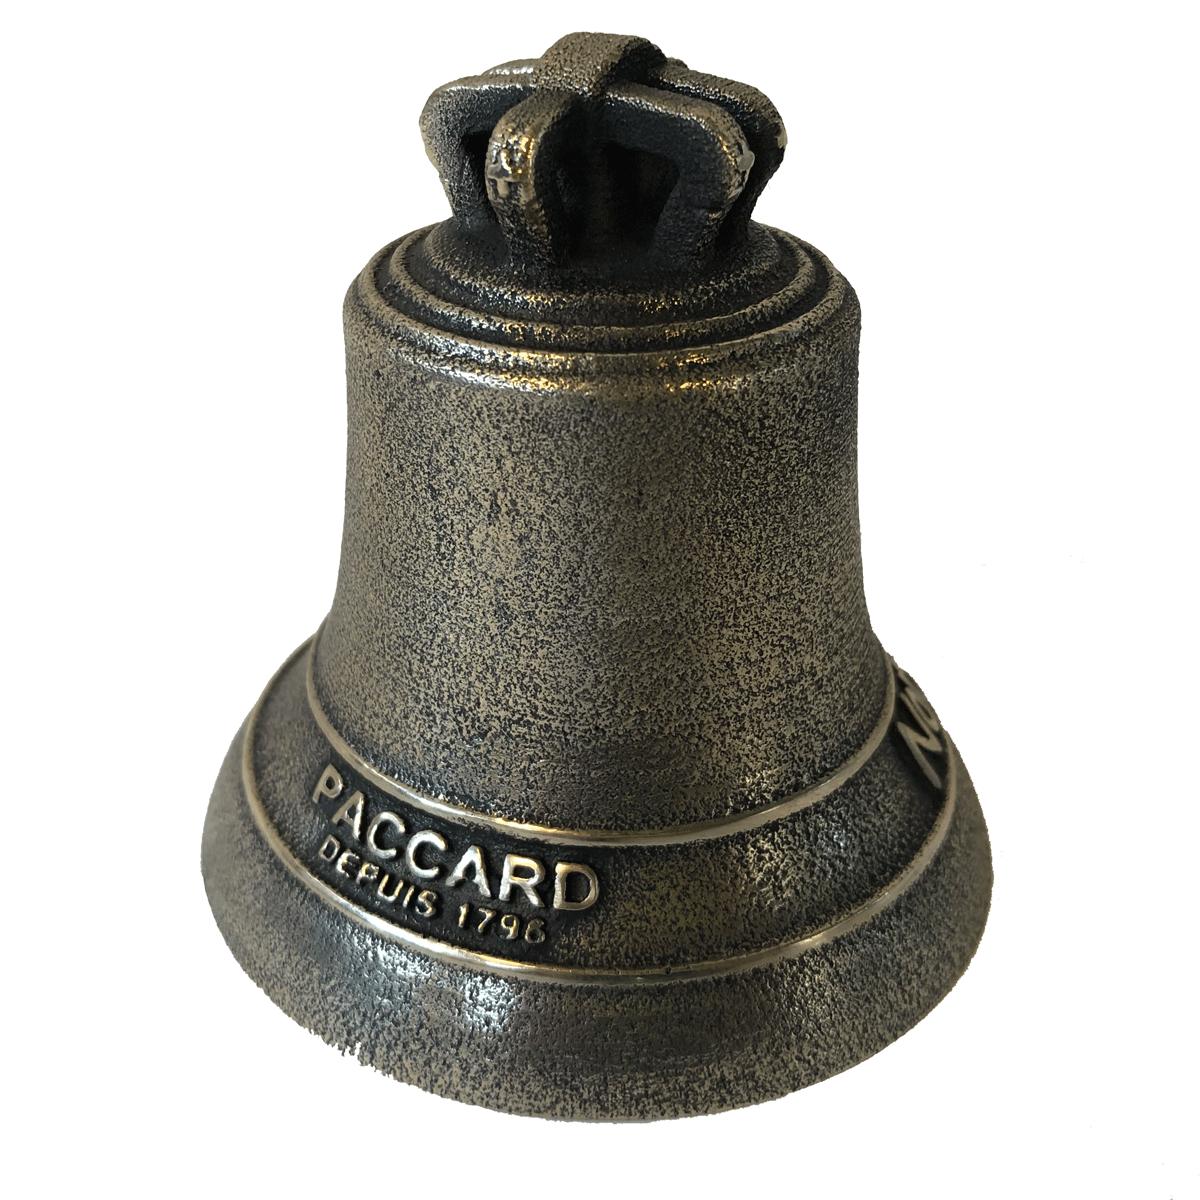 Cloche miniature en bronze, finition bronze ancien, décoration Nord Pas De Calais avec signature PACCARD